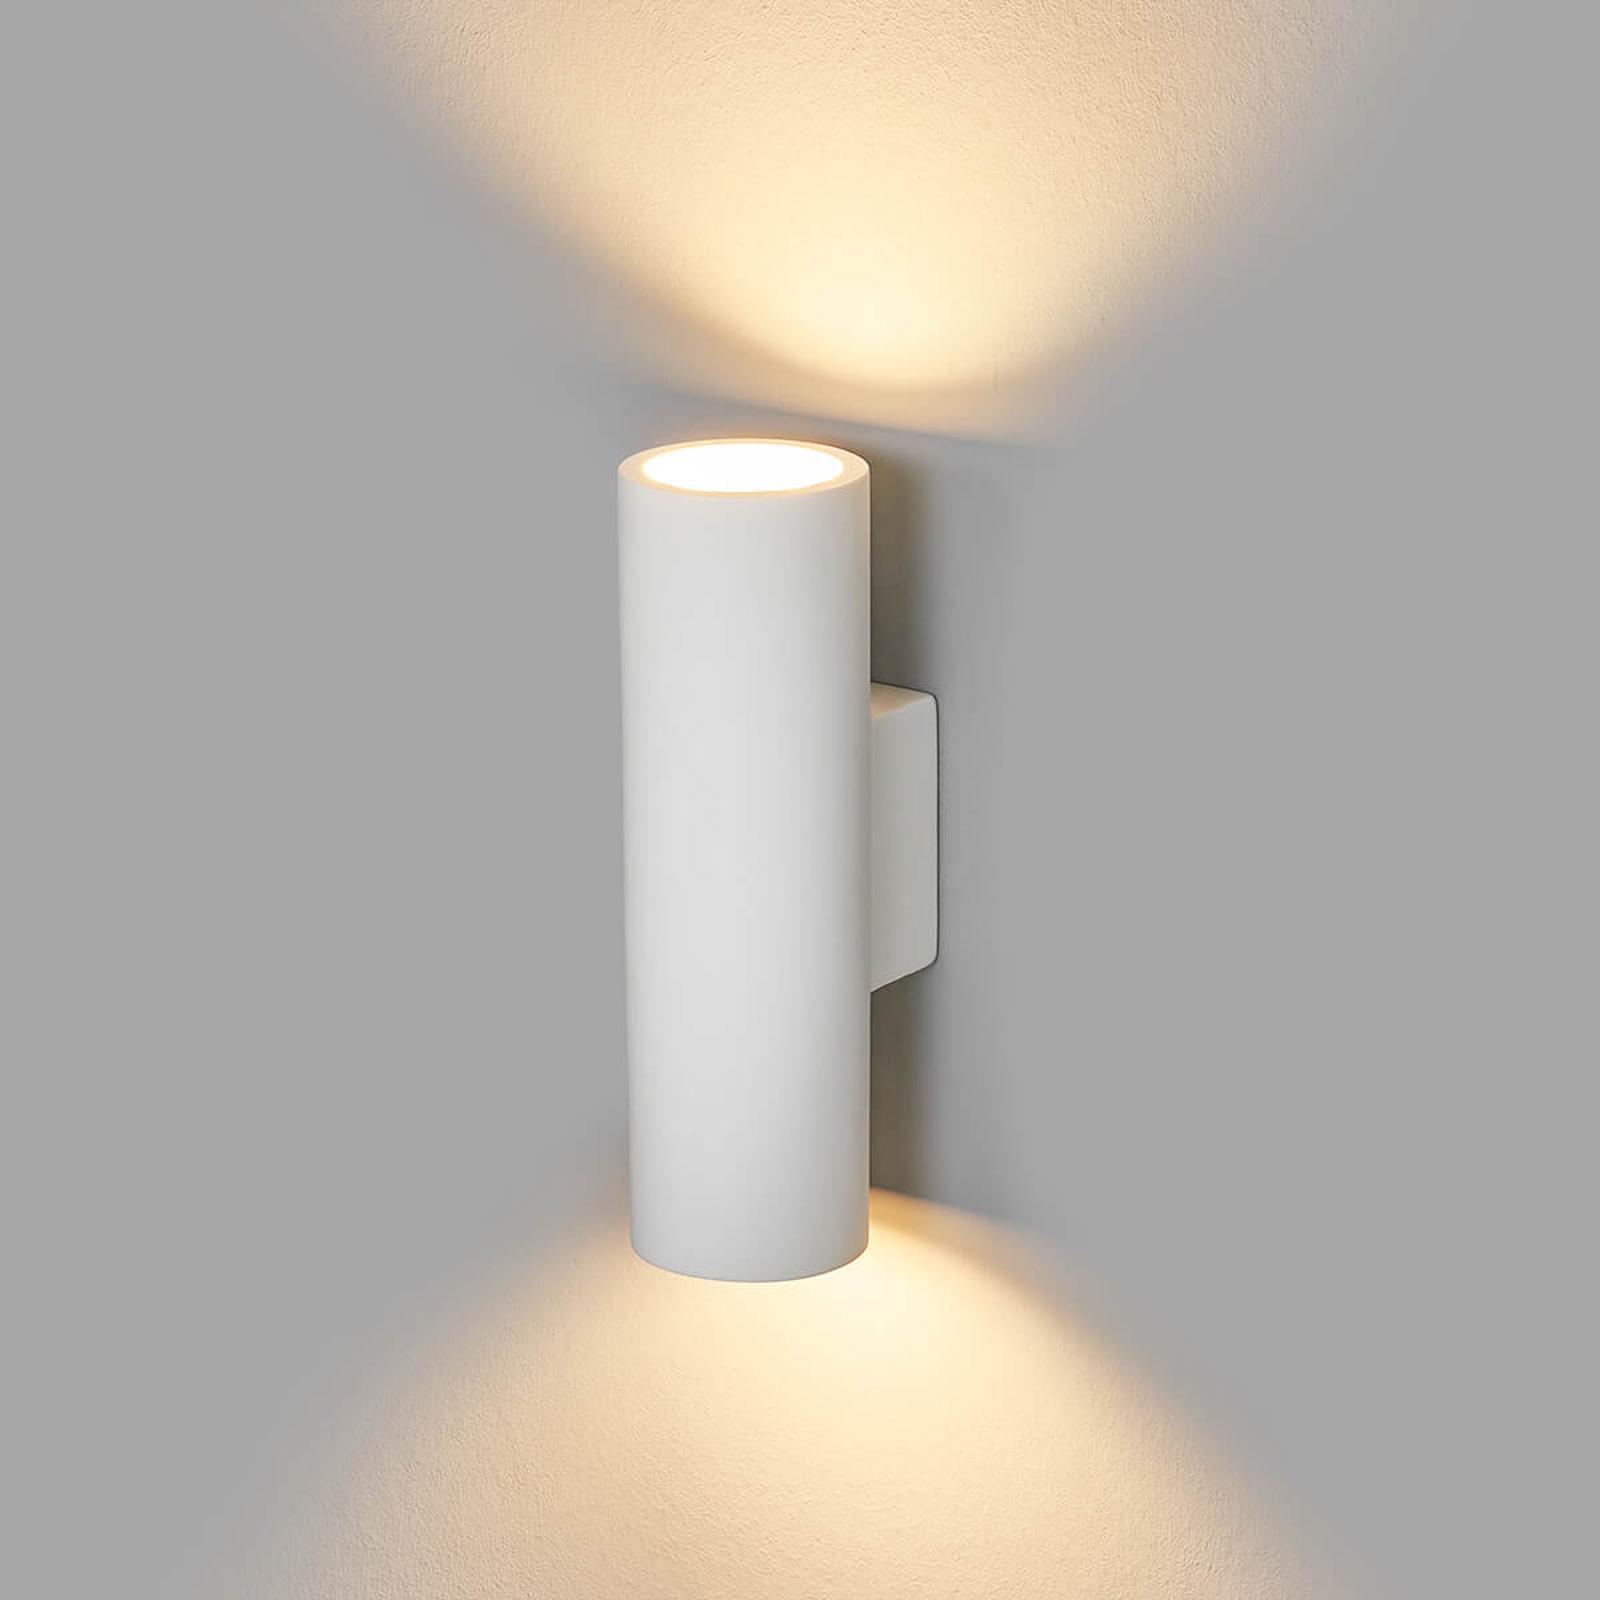 2-flammige Gipswandlampe Norwin